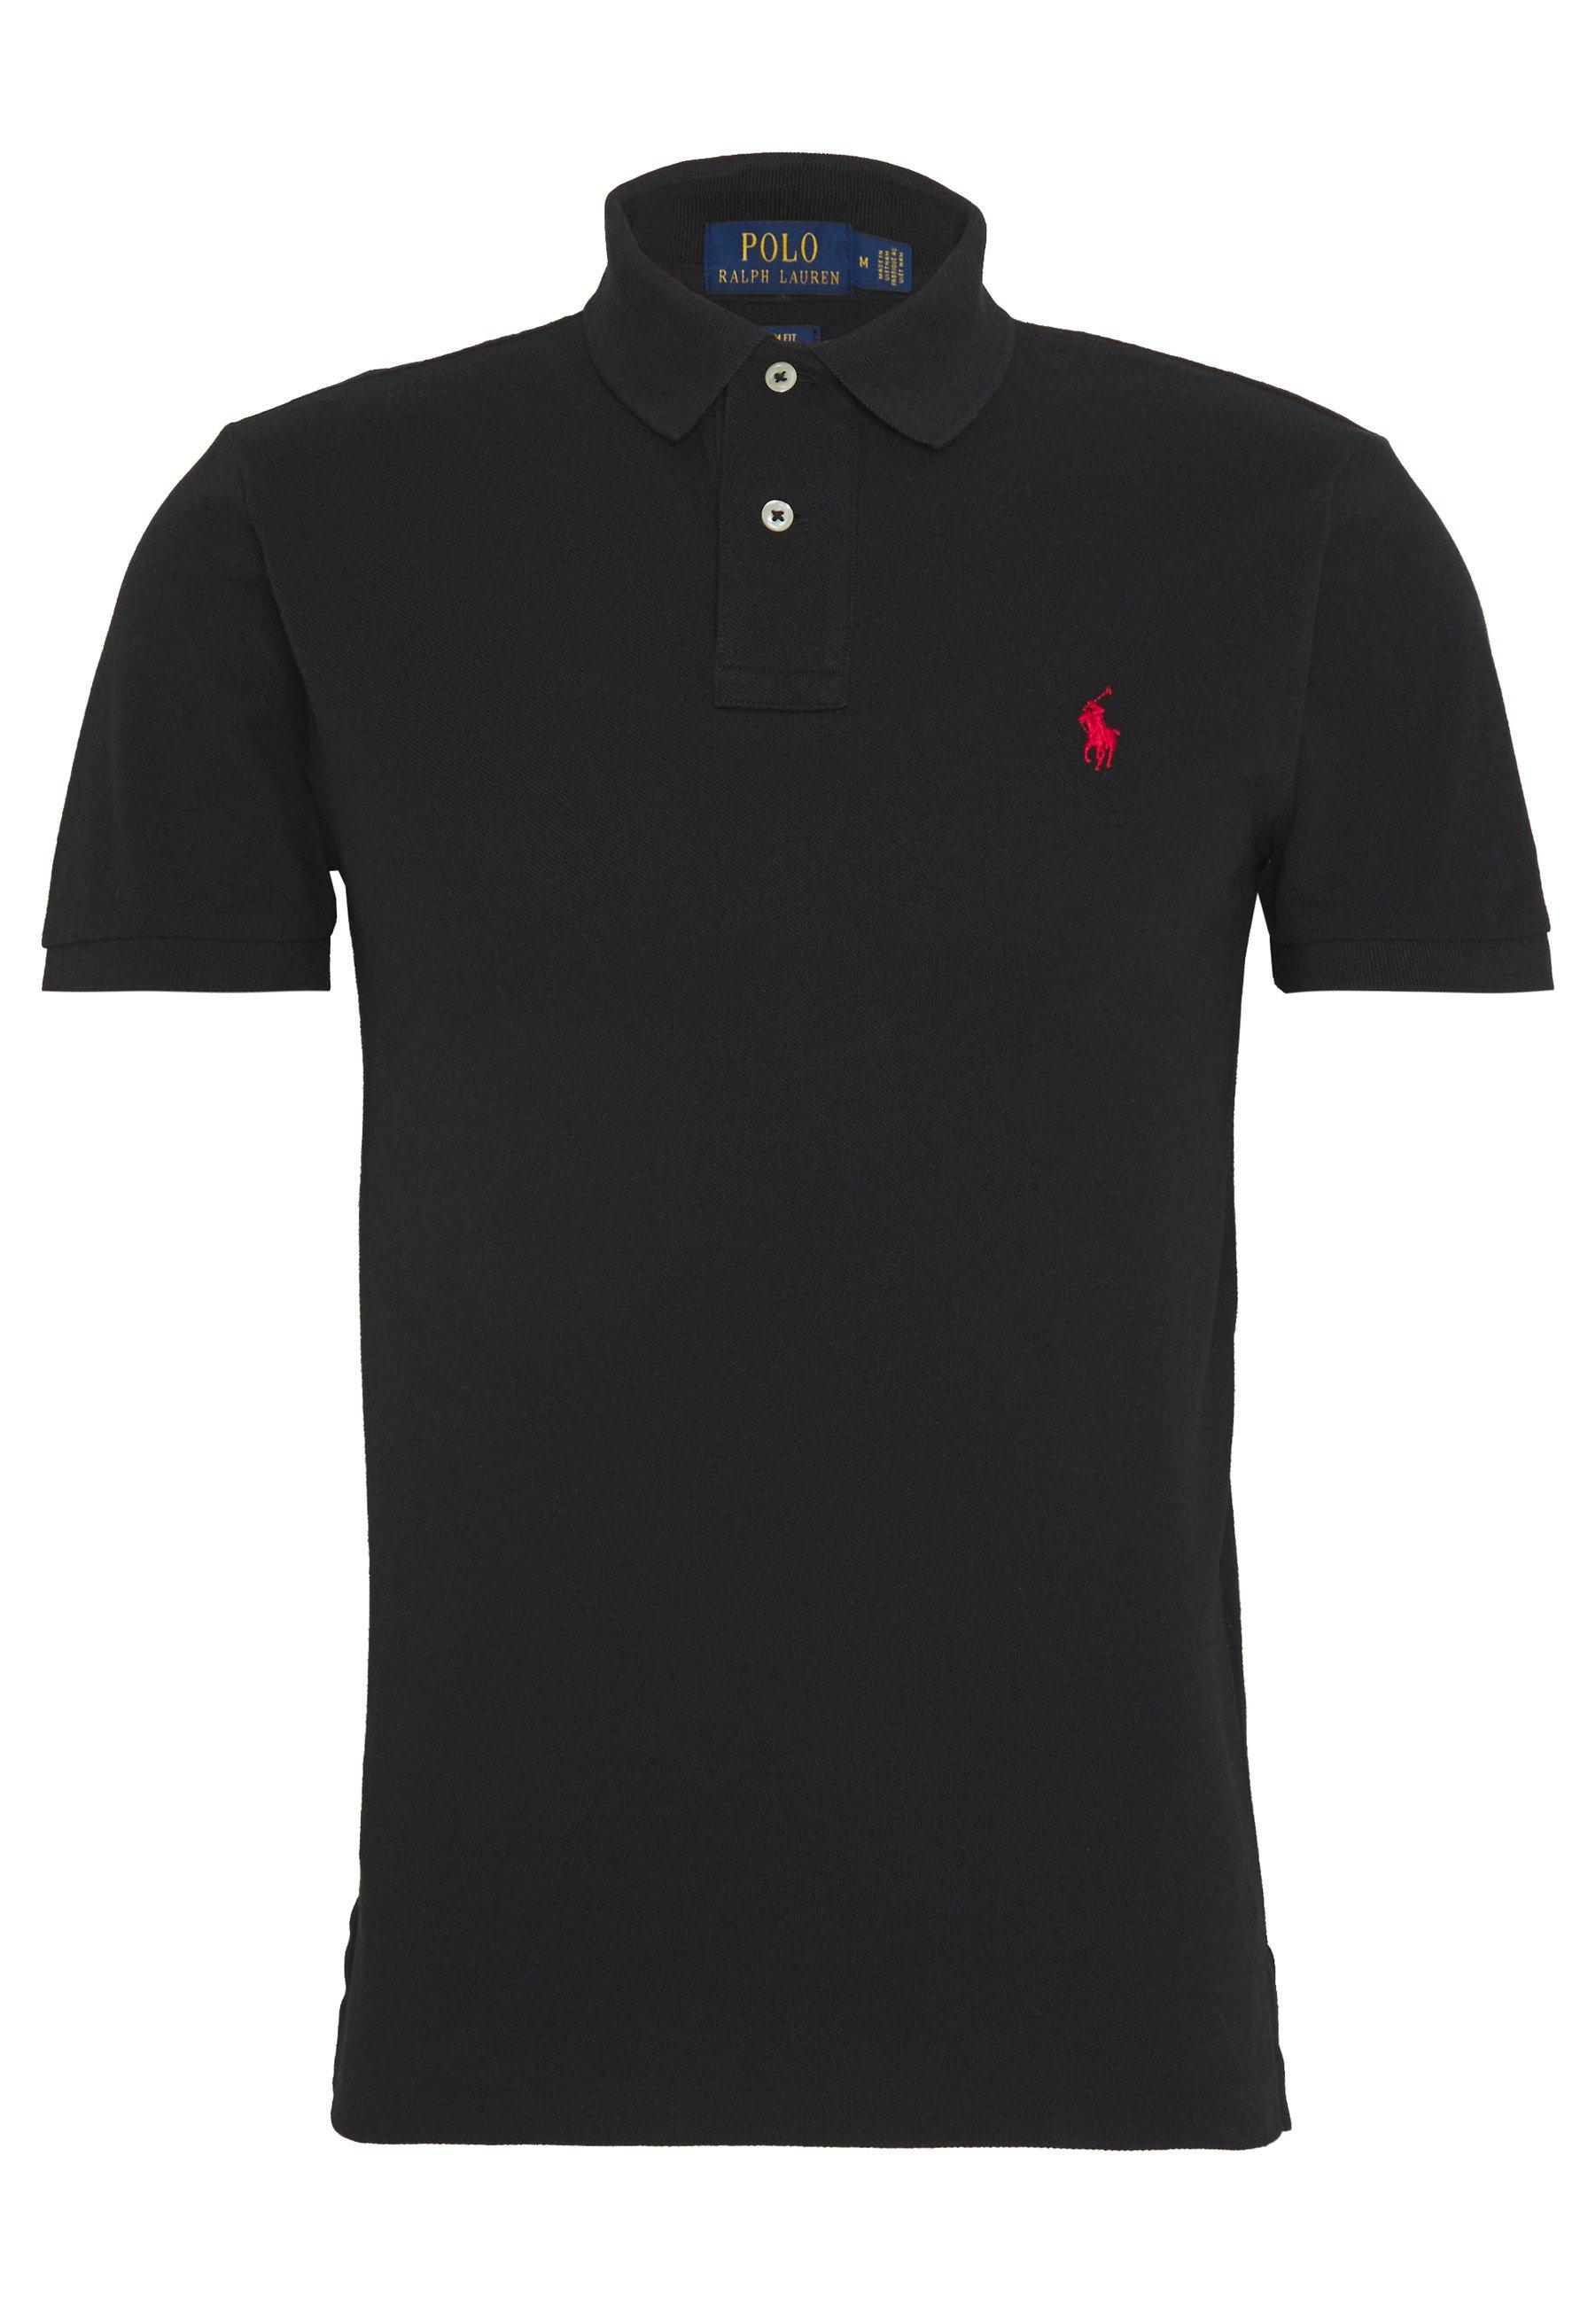 Polo Ralph Lauren Basic Slim Fit - Piké Black